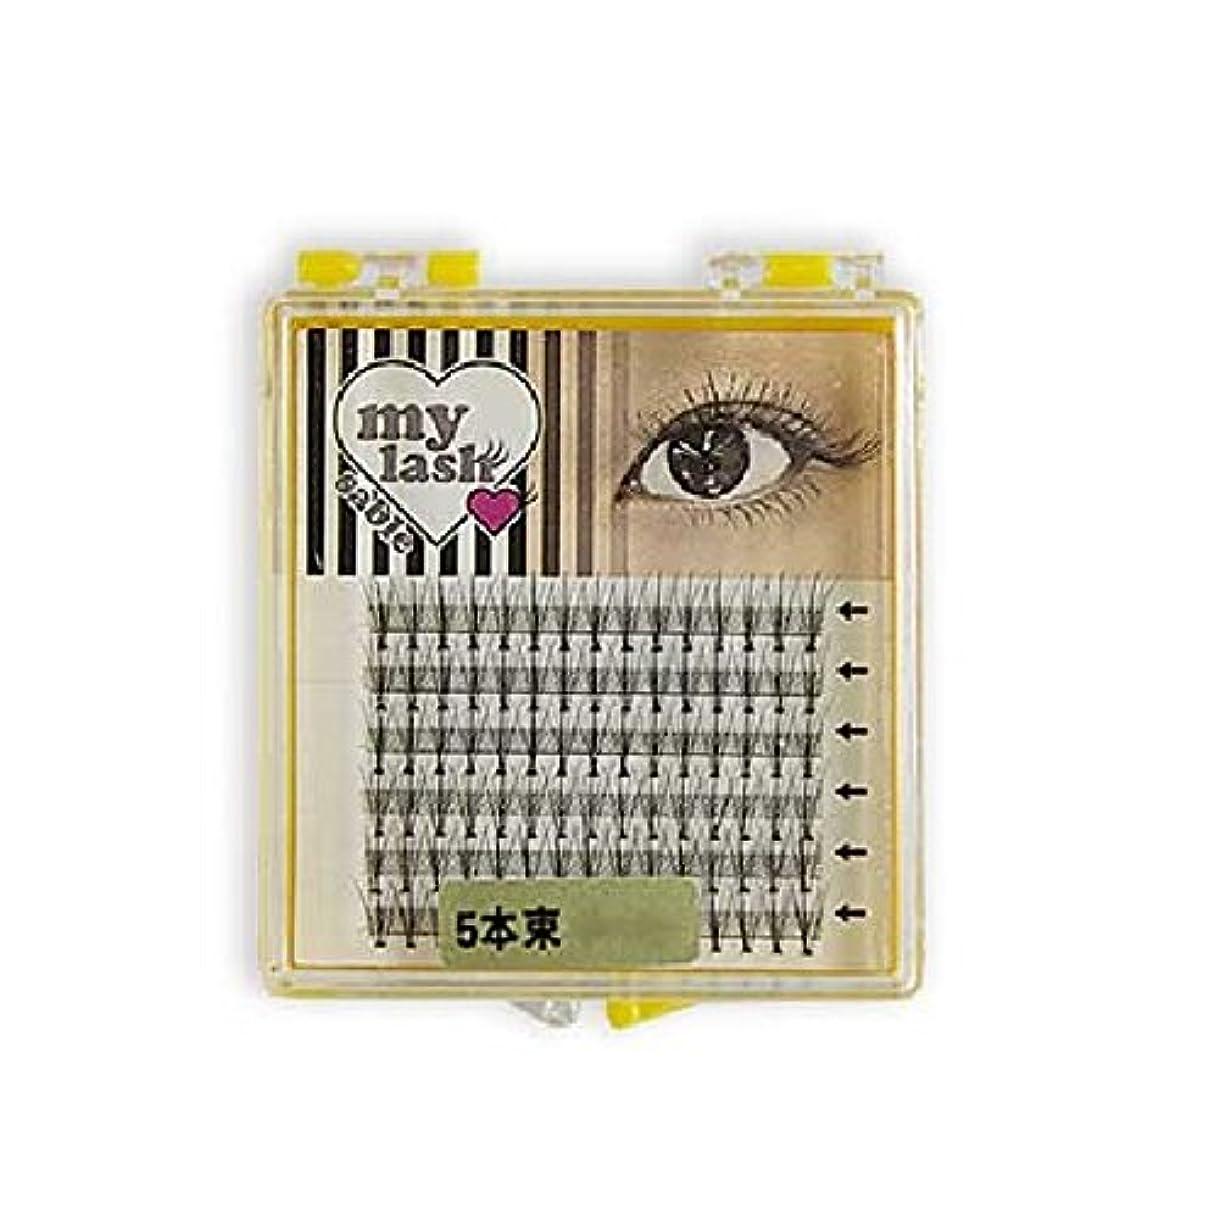 反映する快適ワンダーまつげエクステ my lash 束エクステ 60束入 (5本束 10mm)